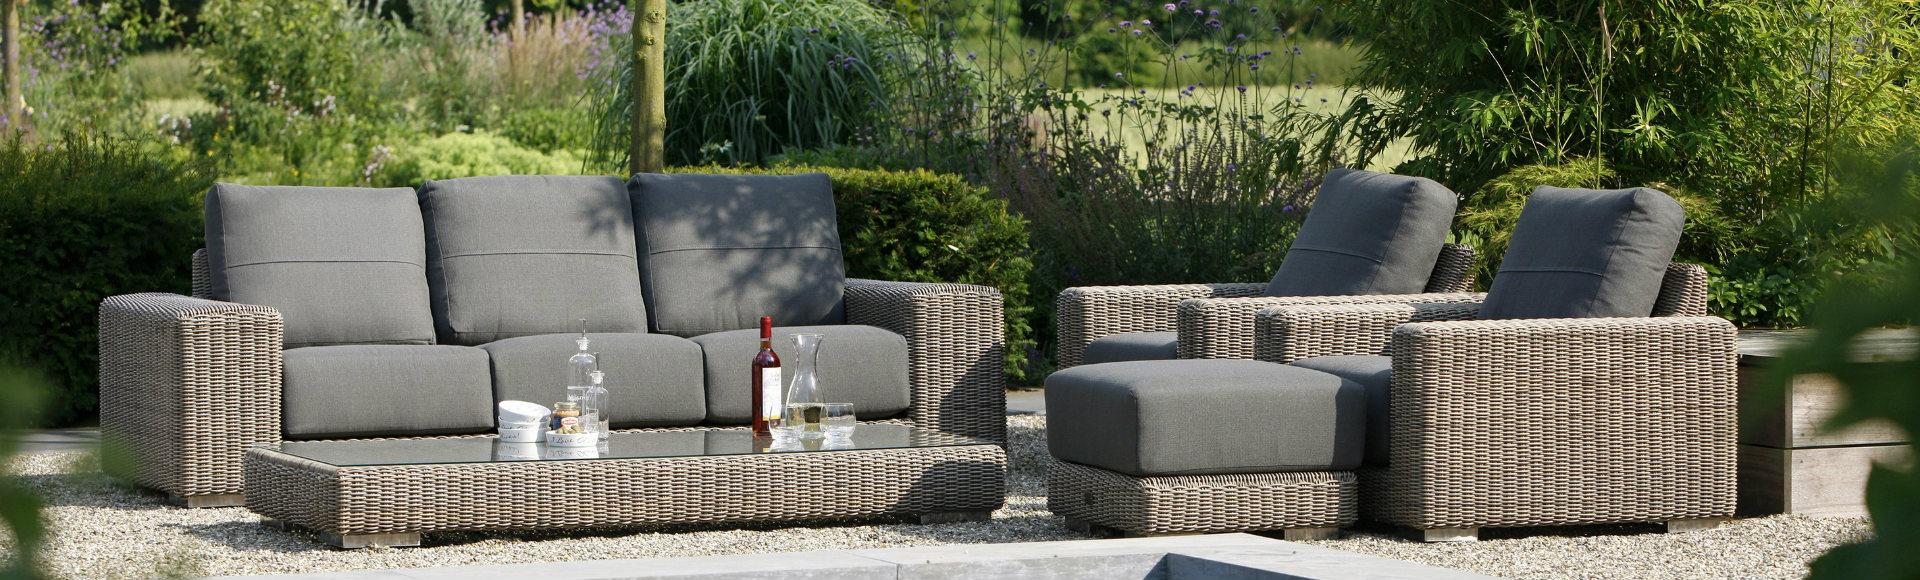 HoekVT - Specialist in outdoor en bedroom furniture